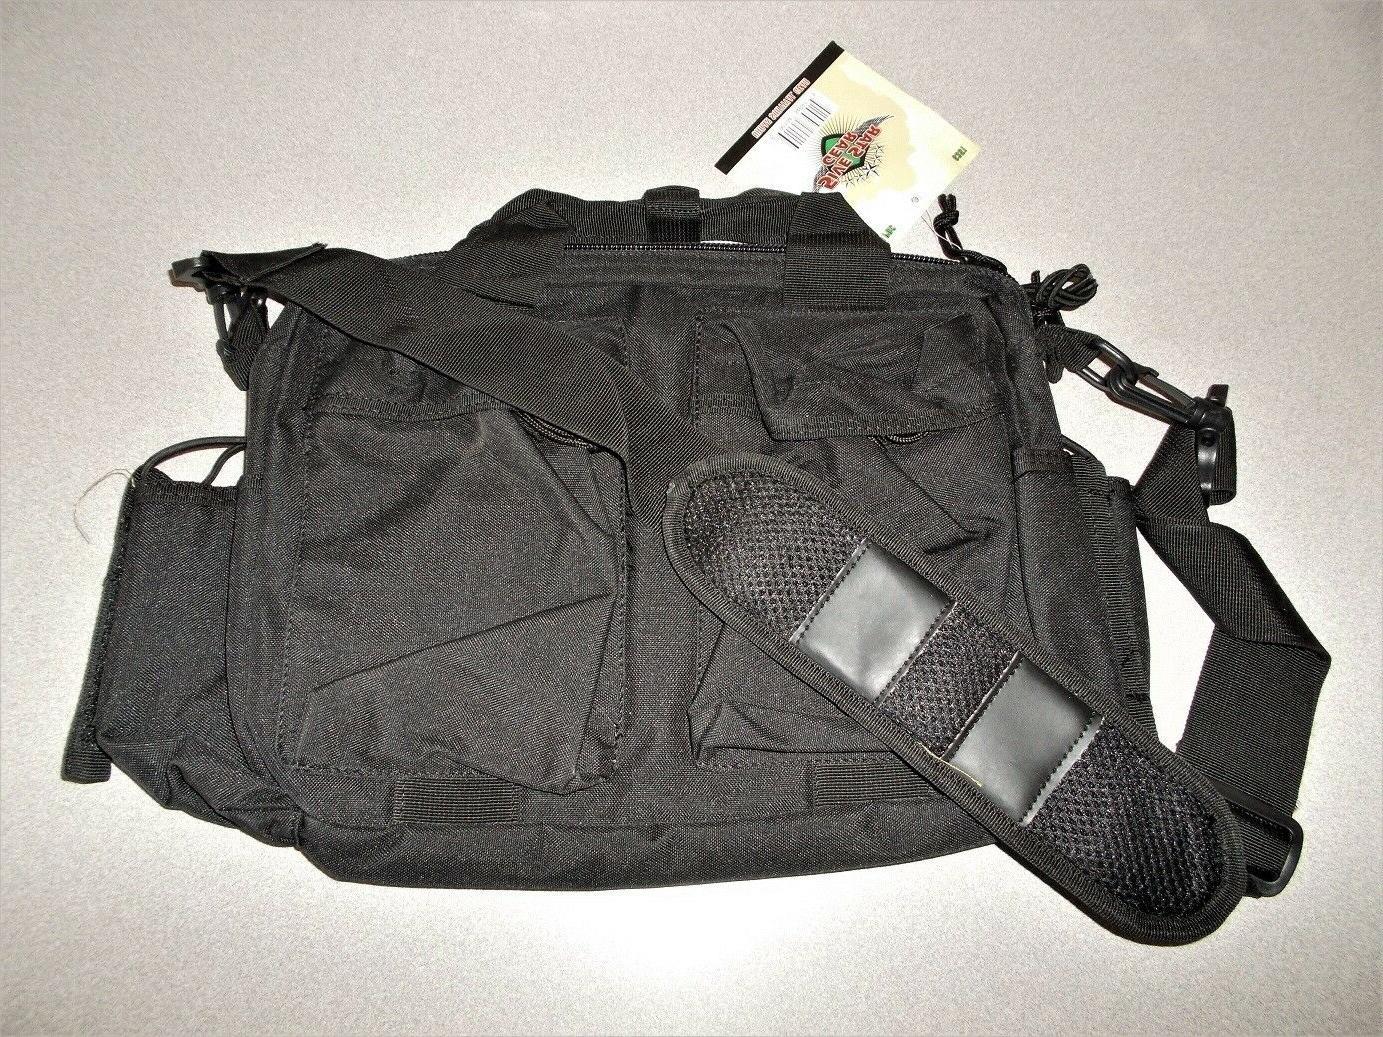 Tactical case Gear Atlanco black 6351